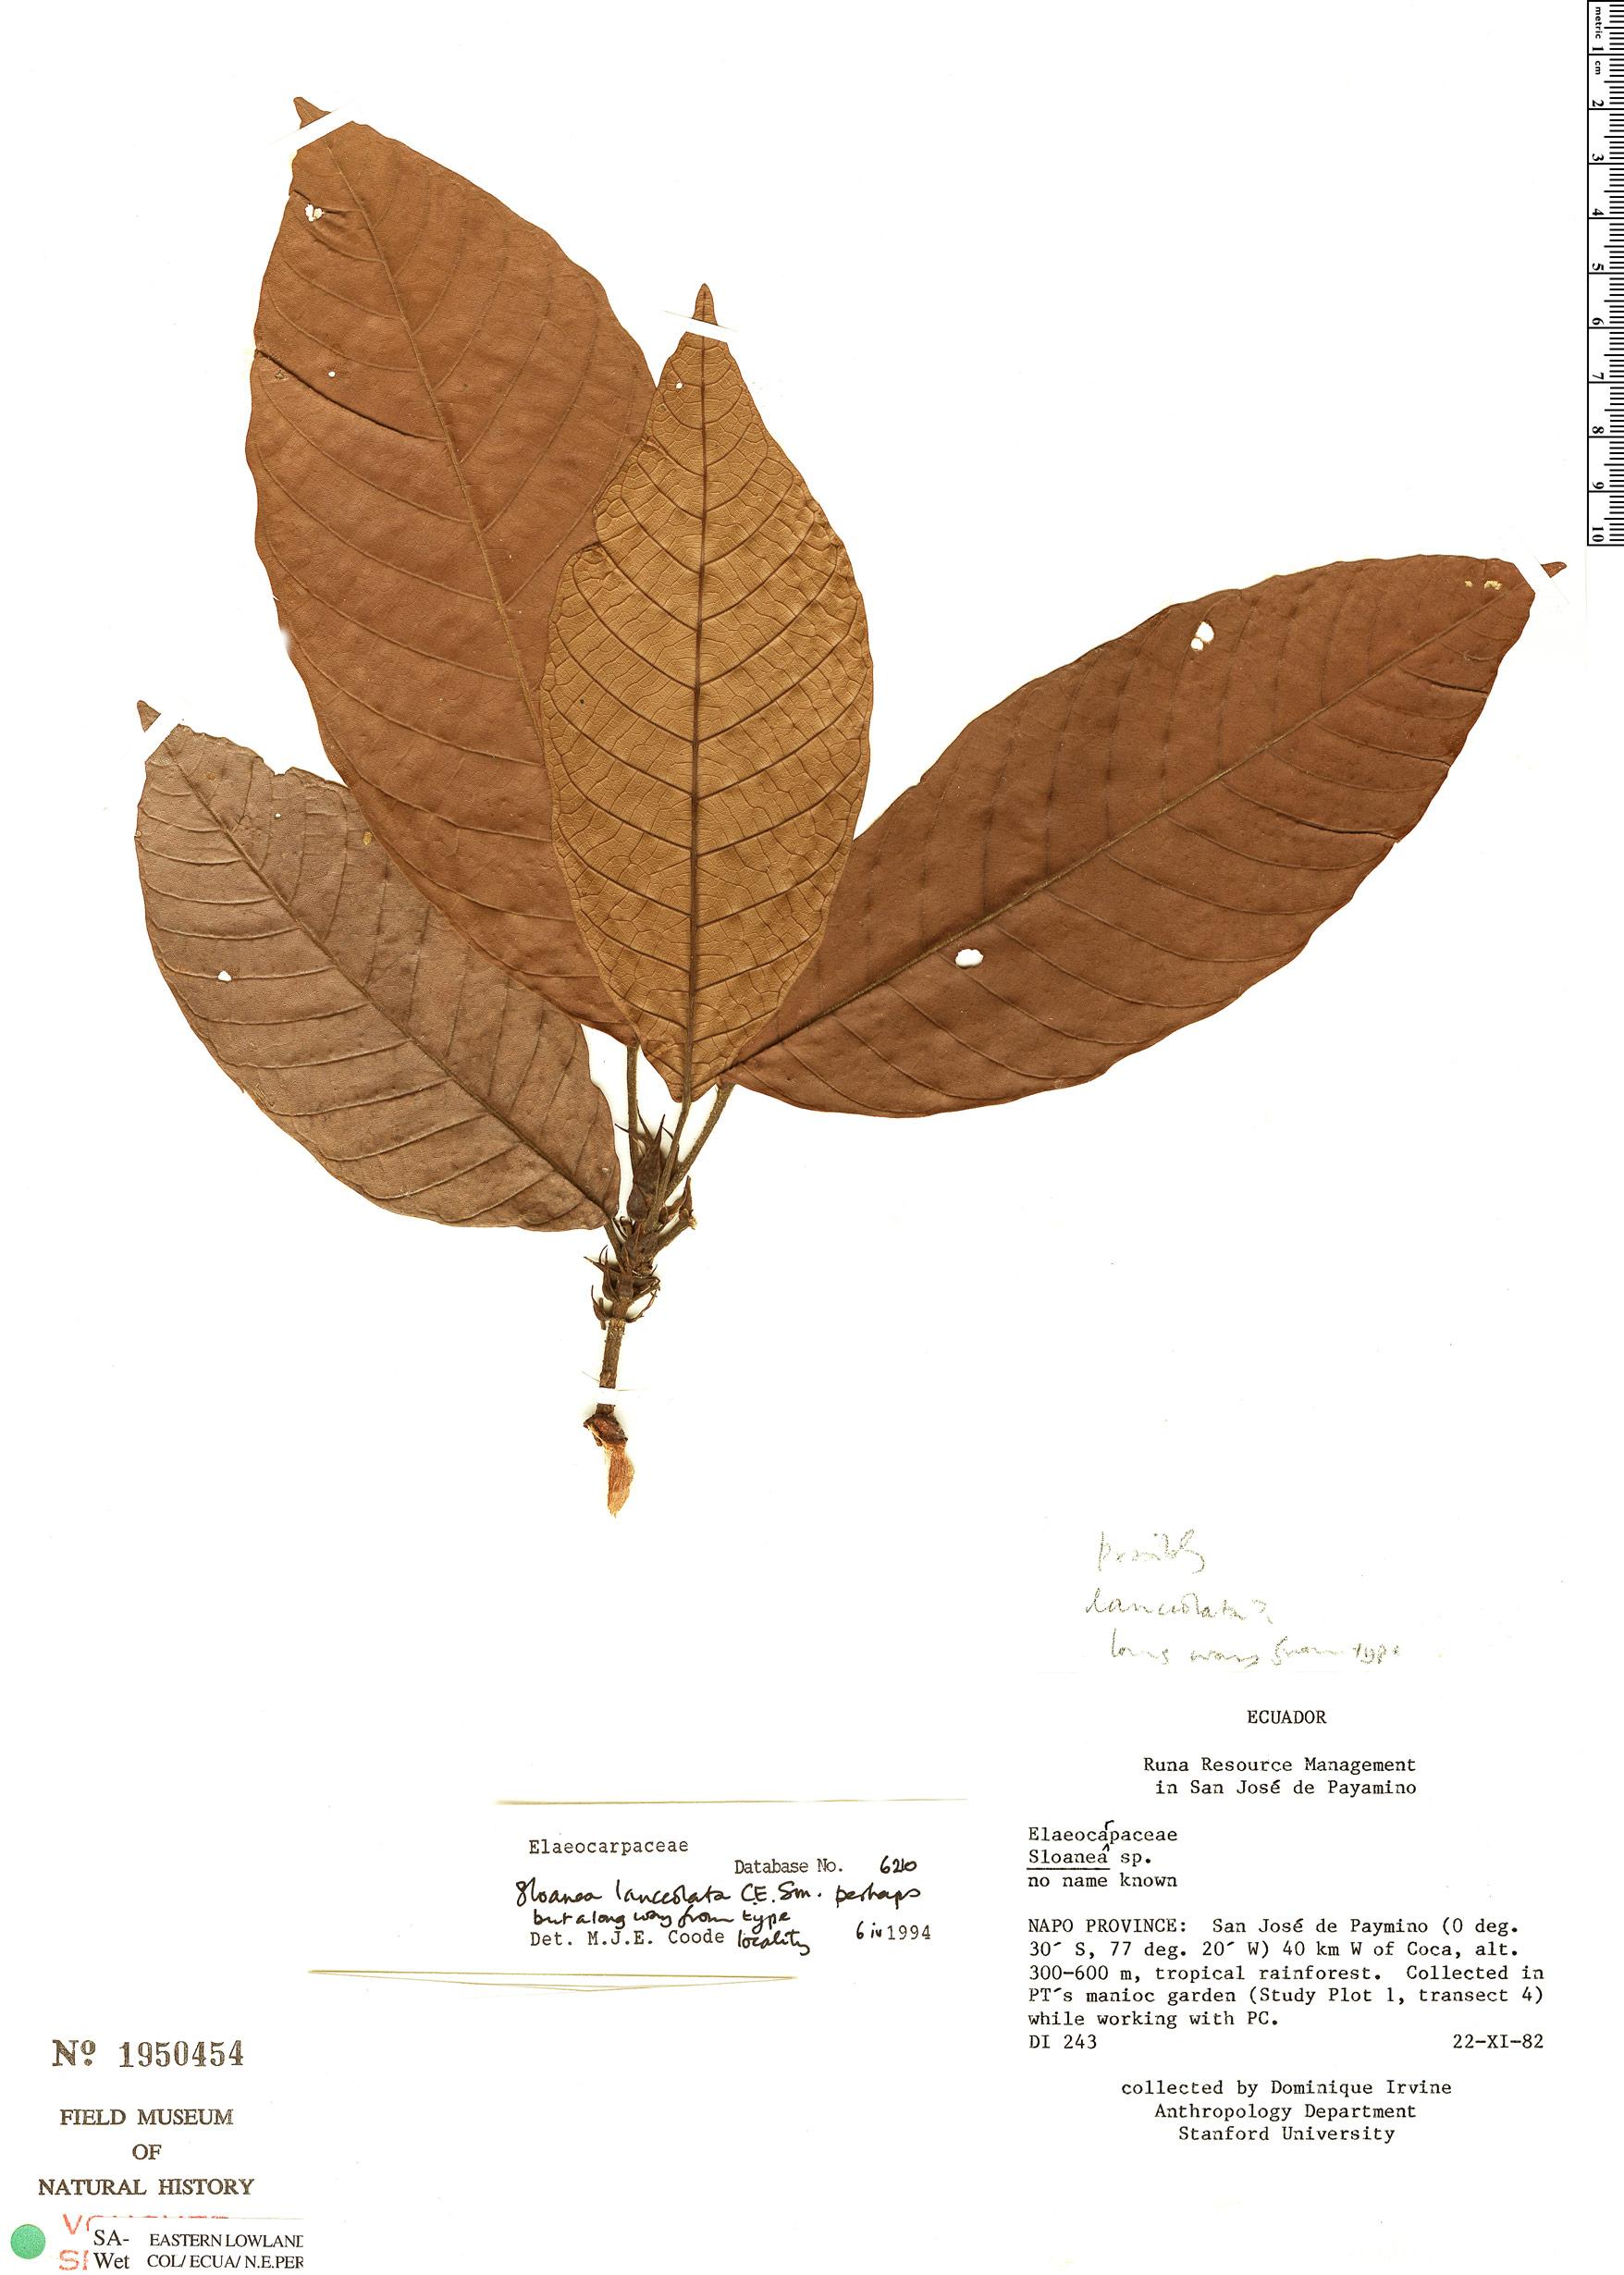 Specimen: Sloanea grandezii